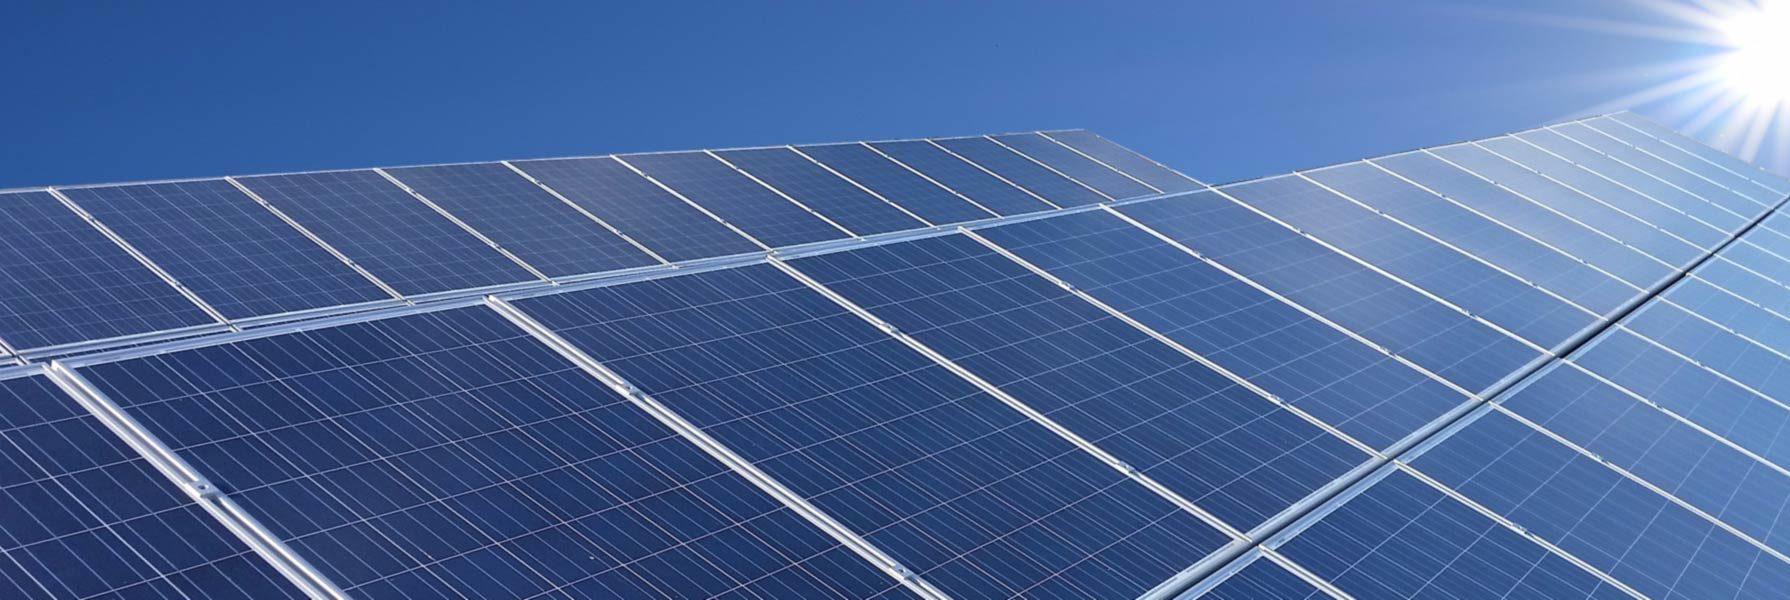 solar panel installations sydney